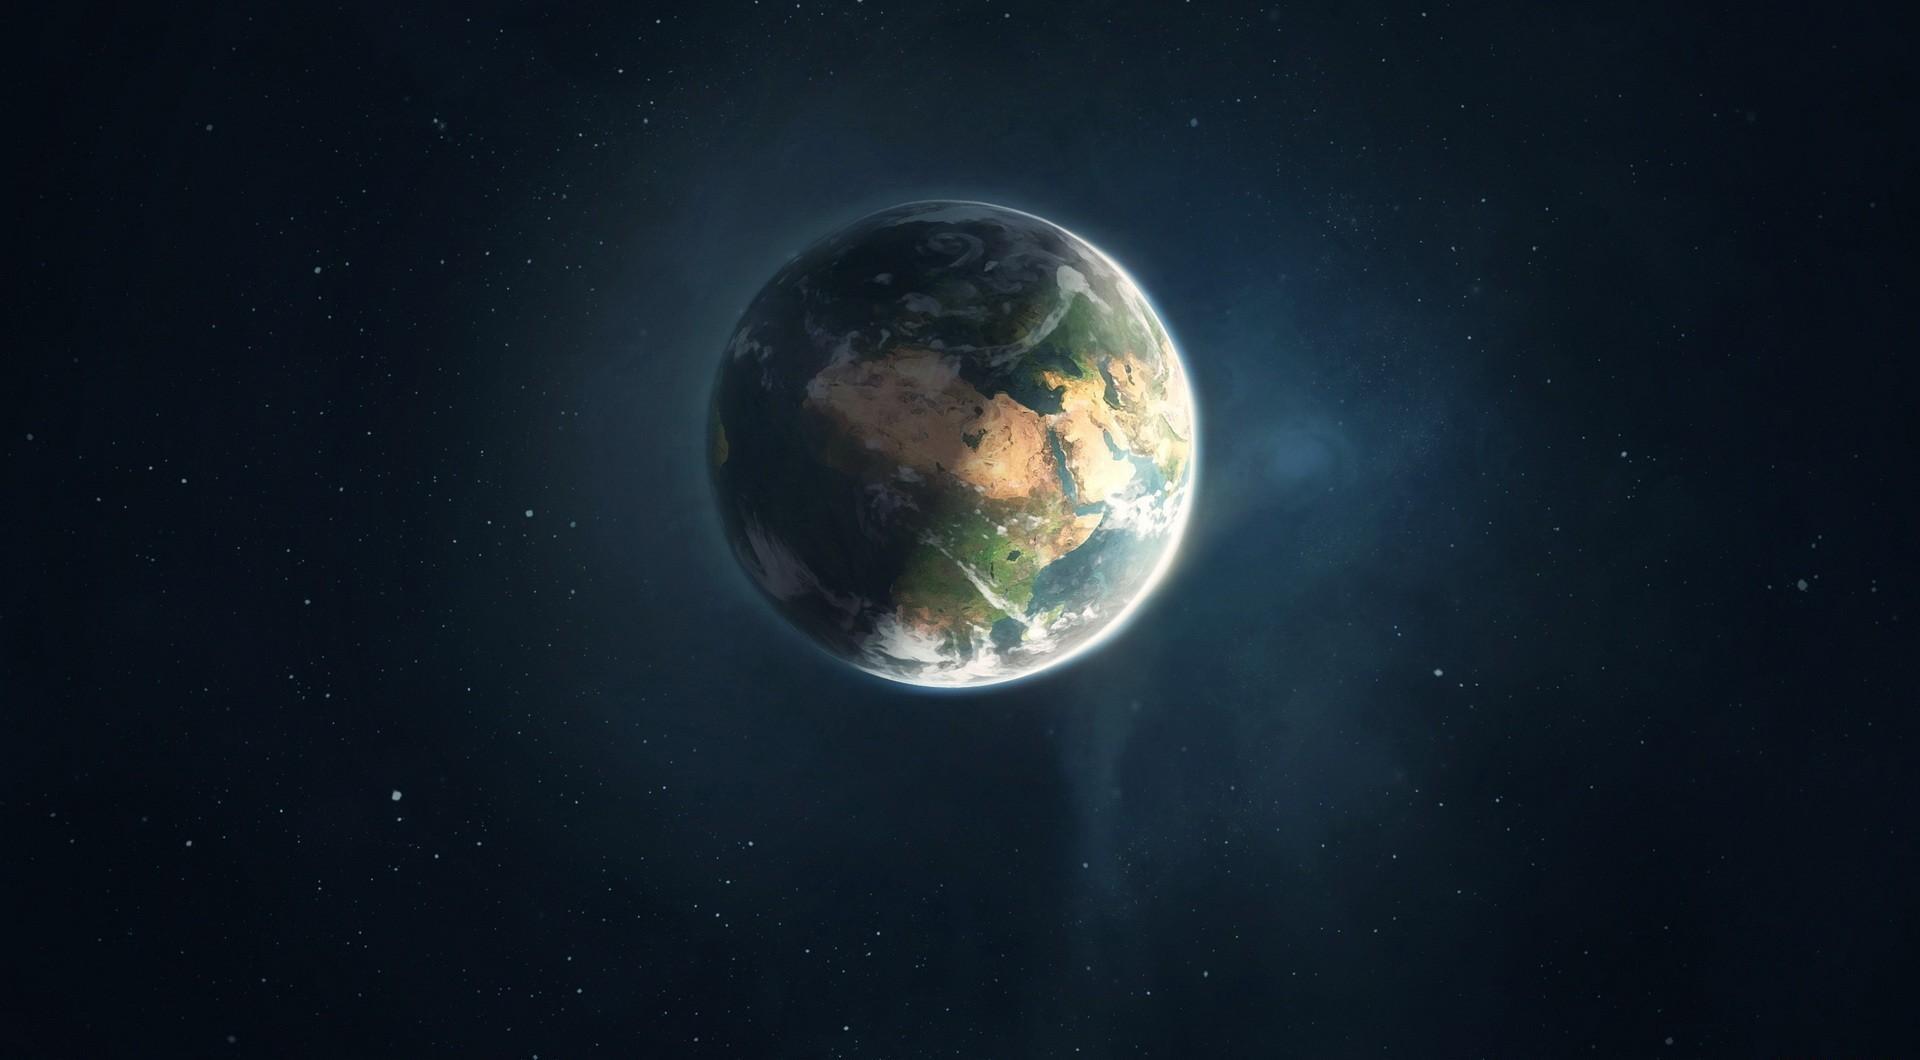 137945 Hintergrundbild 1024x600 kostenlos auf deinem Handy, lade Bilder Universum, Sterne, Galaxis, Galaxy, Planet, Planeten 1024x600 auf dein Handy herunter